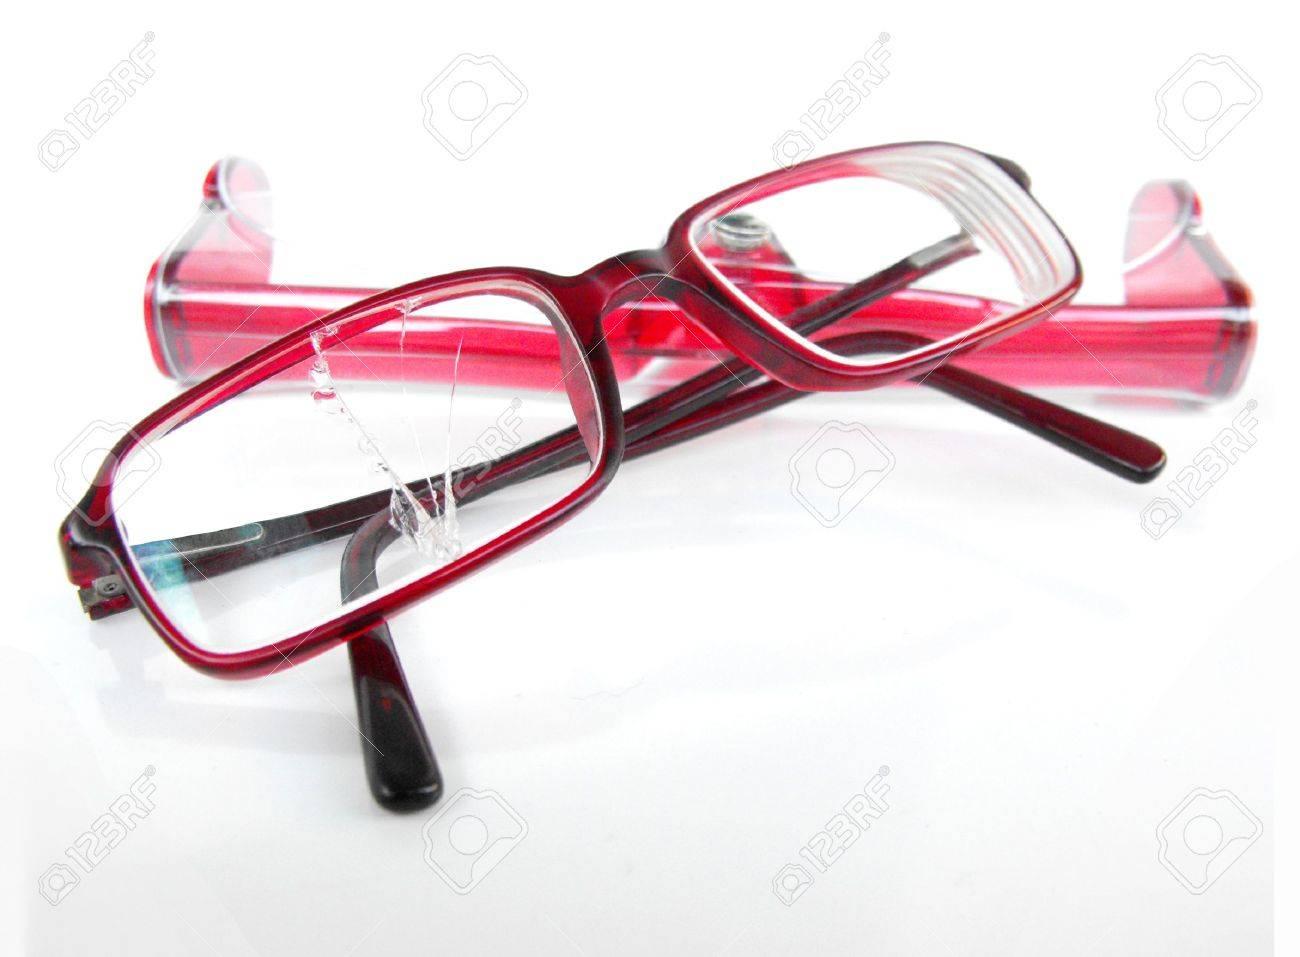 Designer Brillen Mit Gebrochenen Rechten Objektiv, Ruht Auf ...